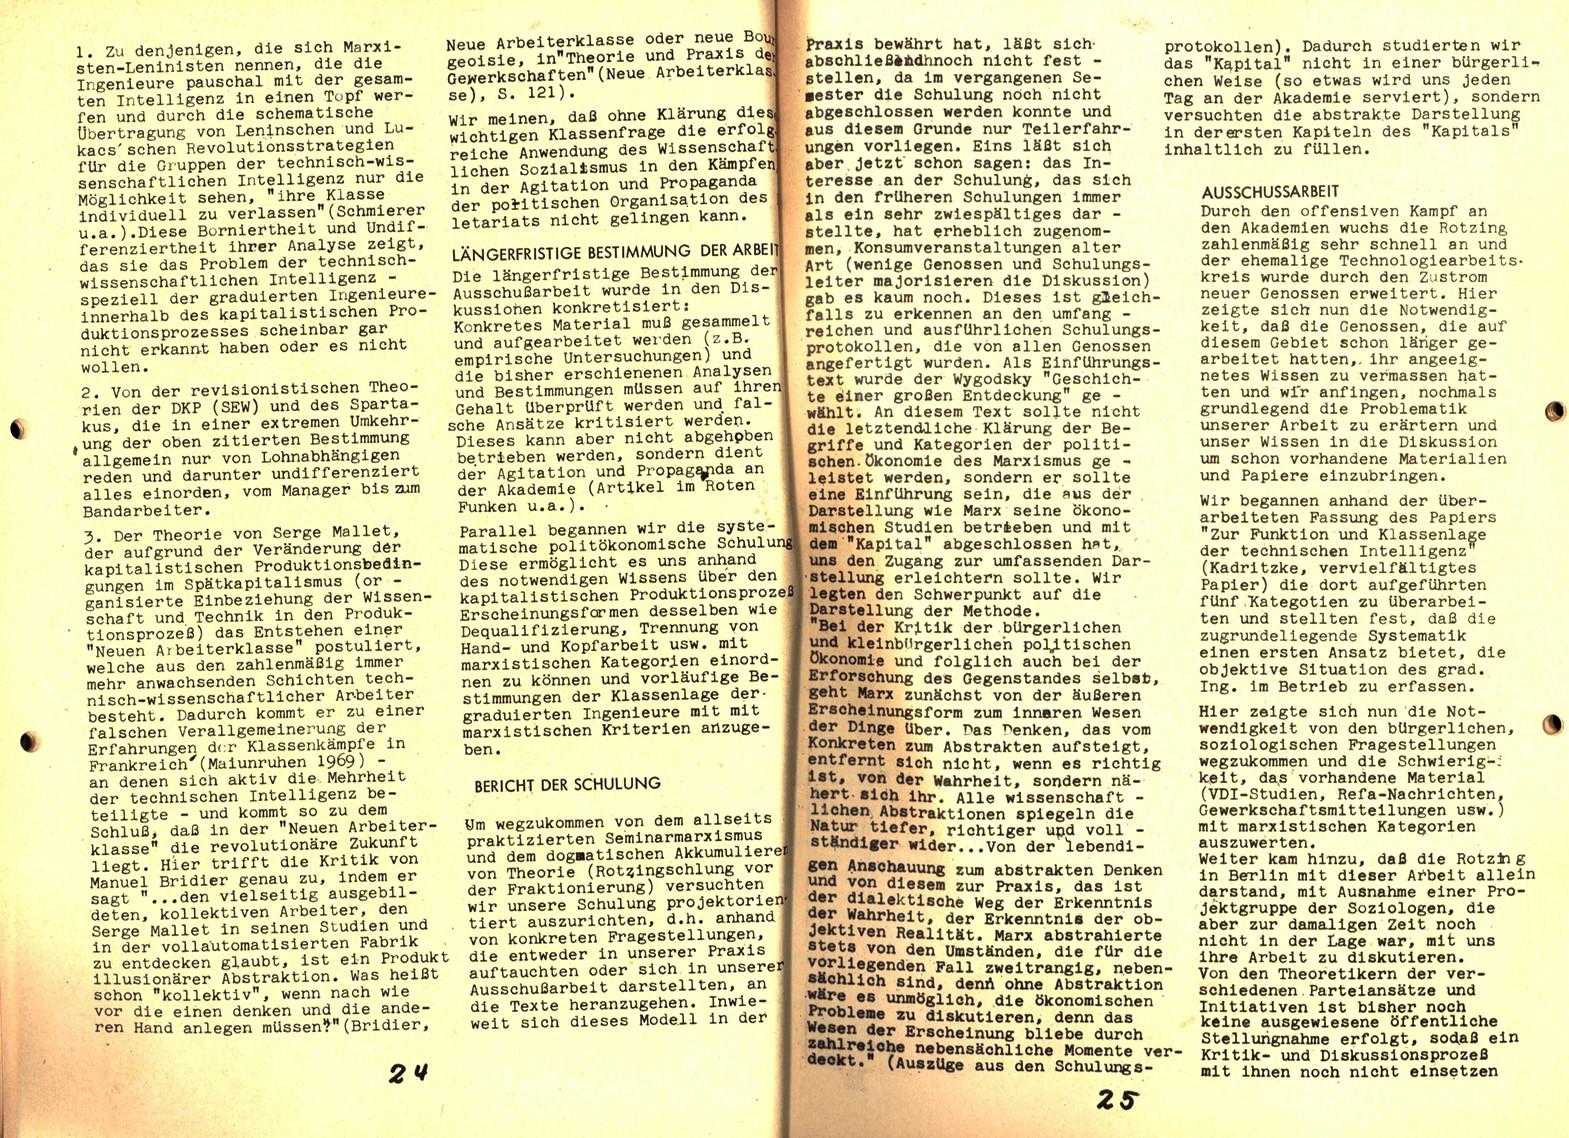 Berlin_Rotzing_1971_Kampfbericht_13